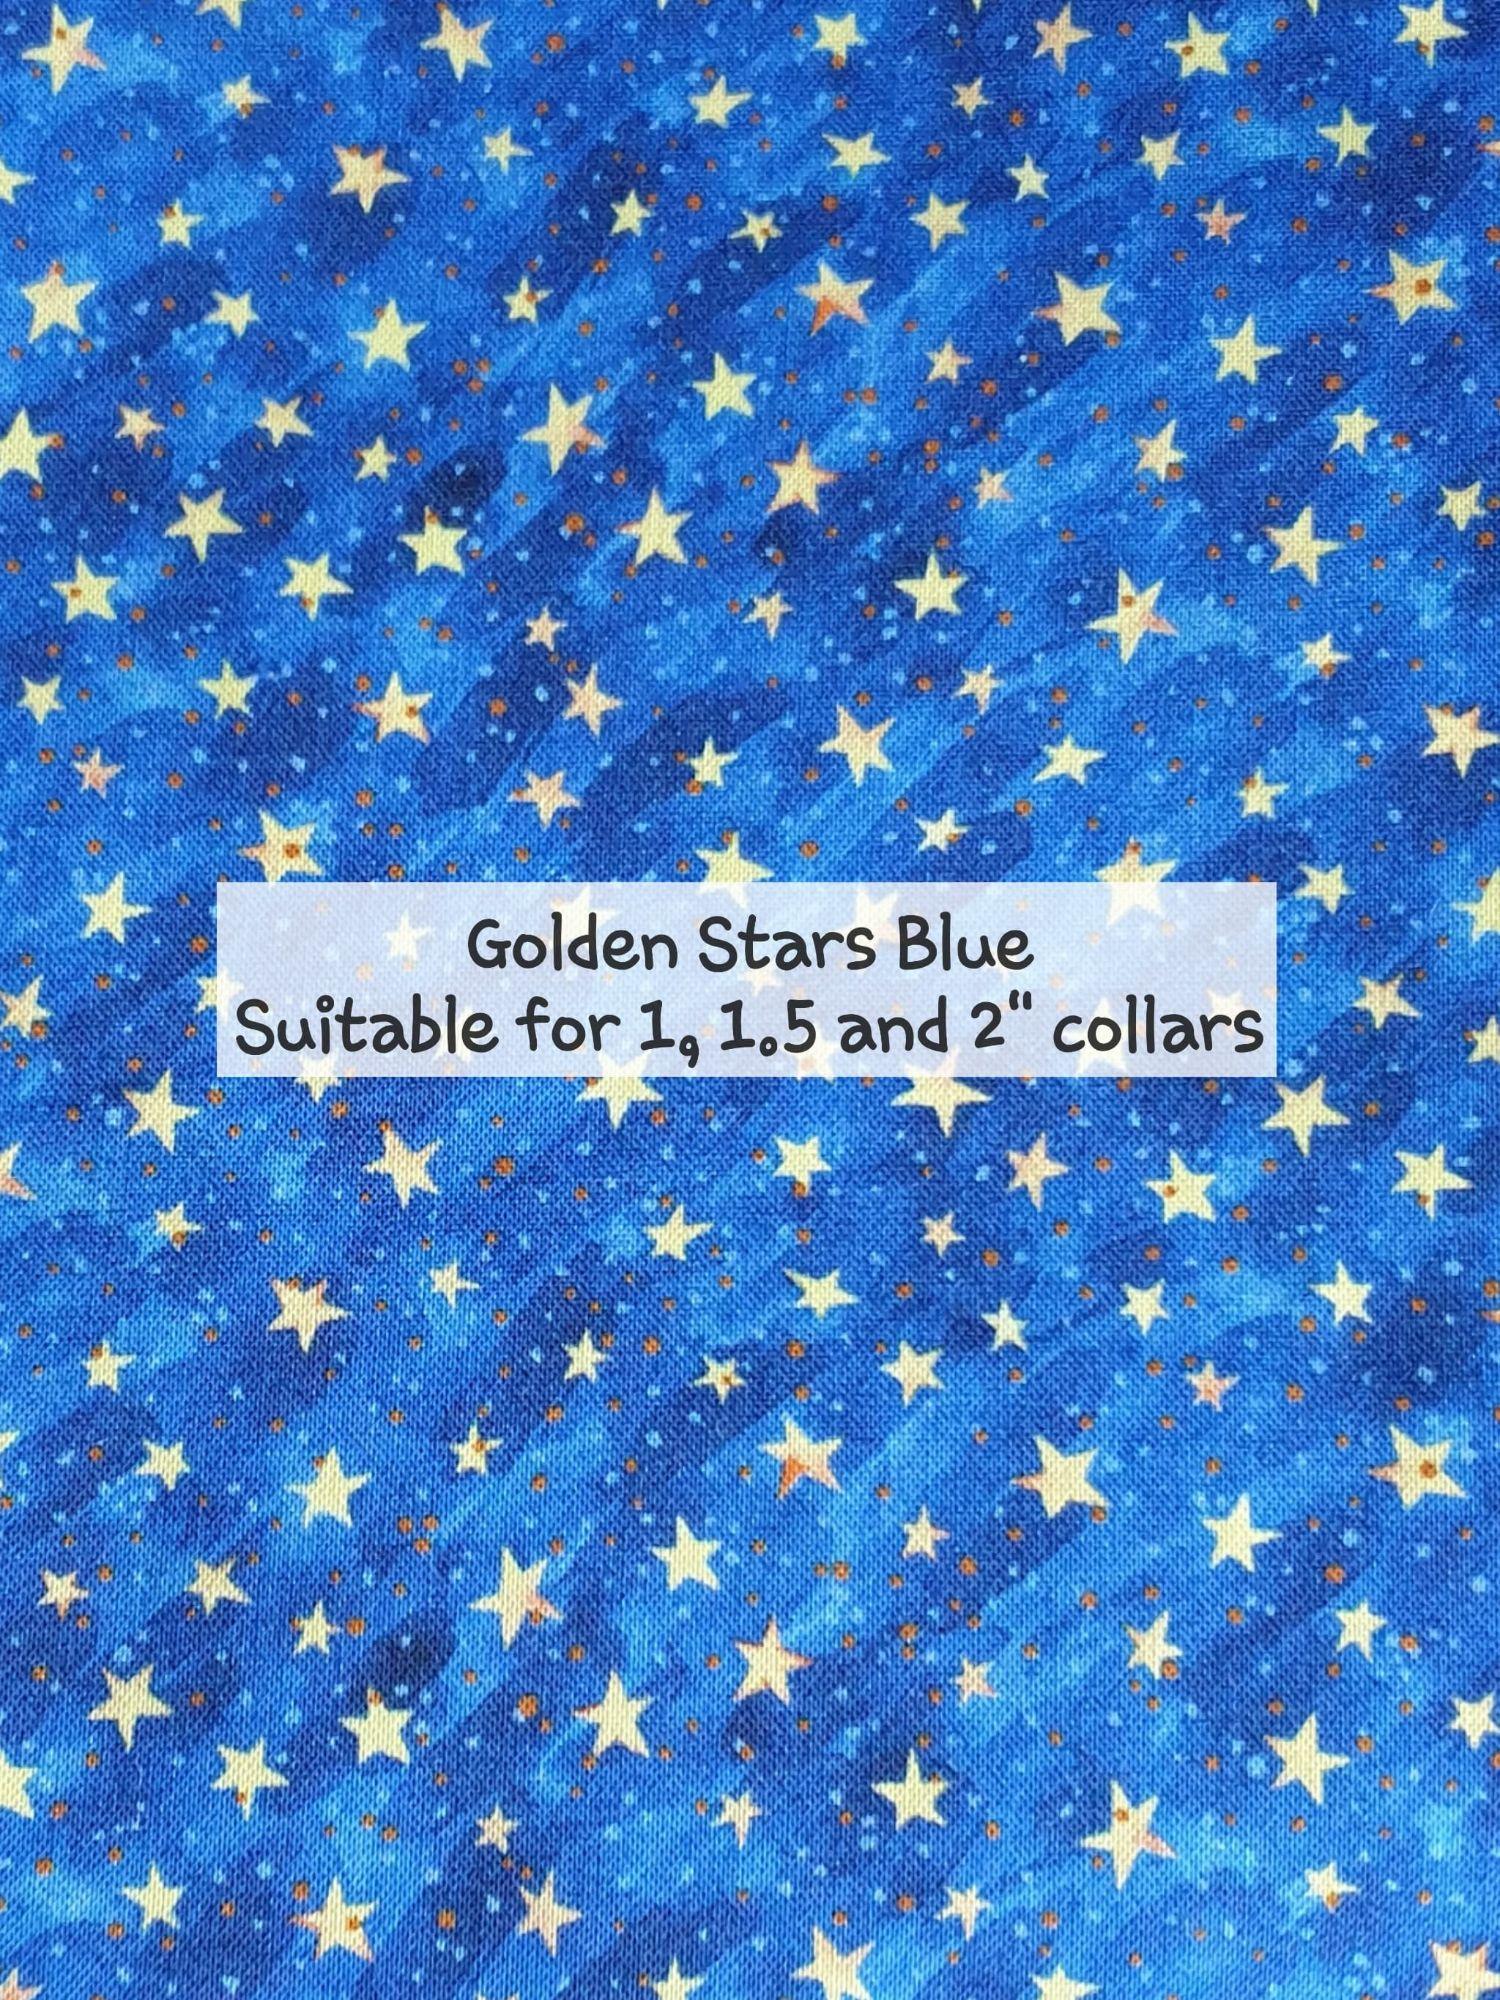 Golden Stars Blue